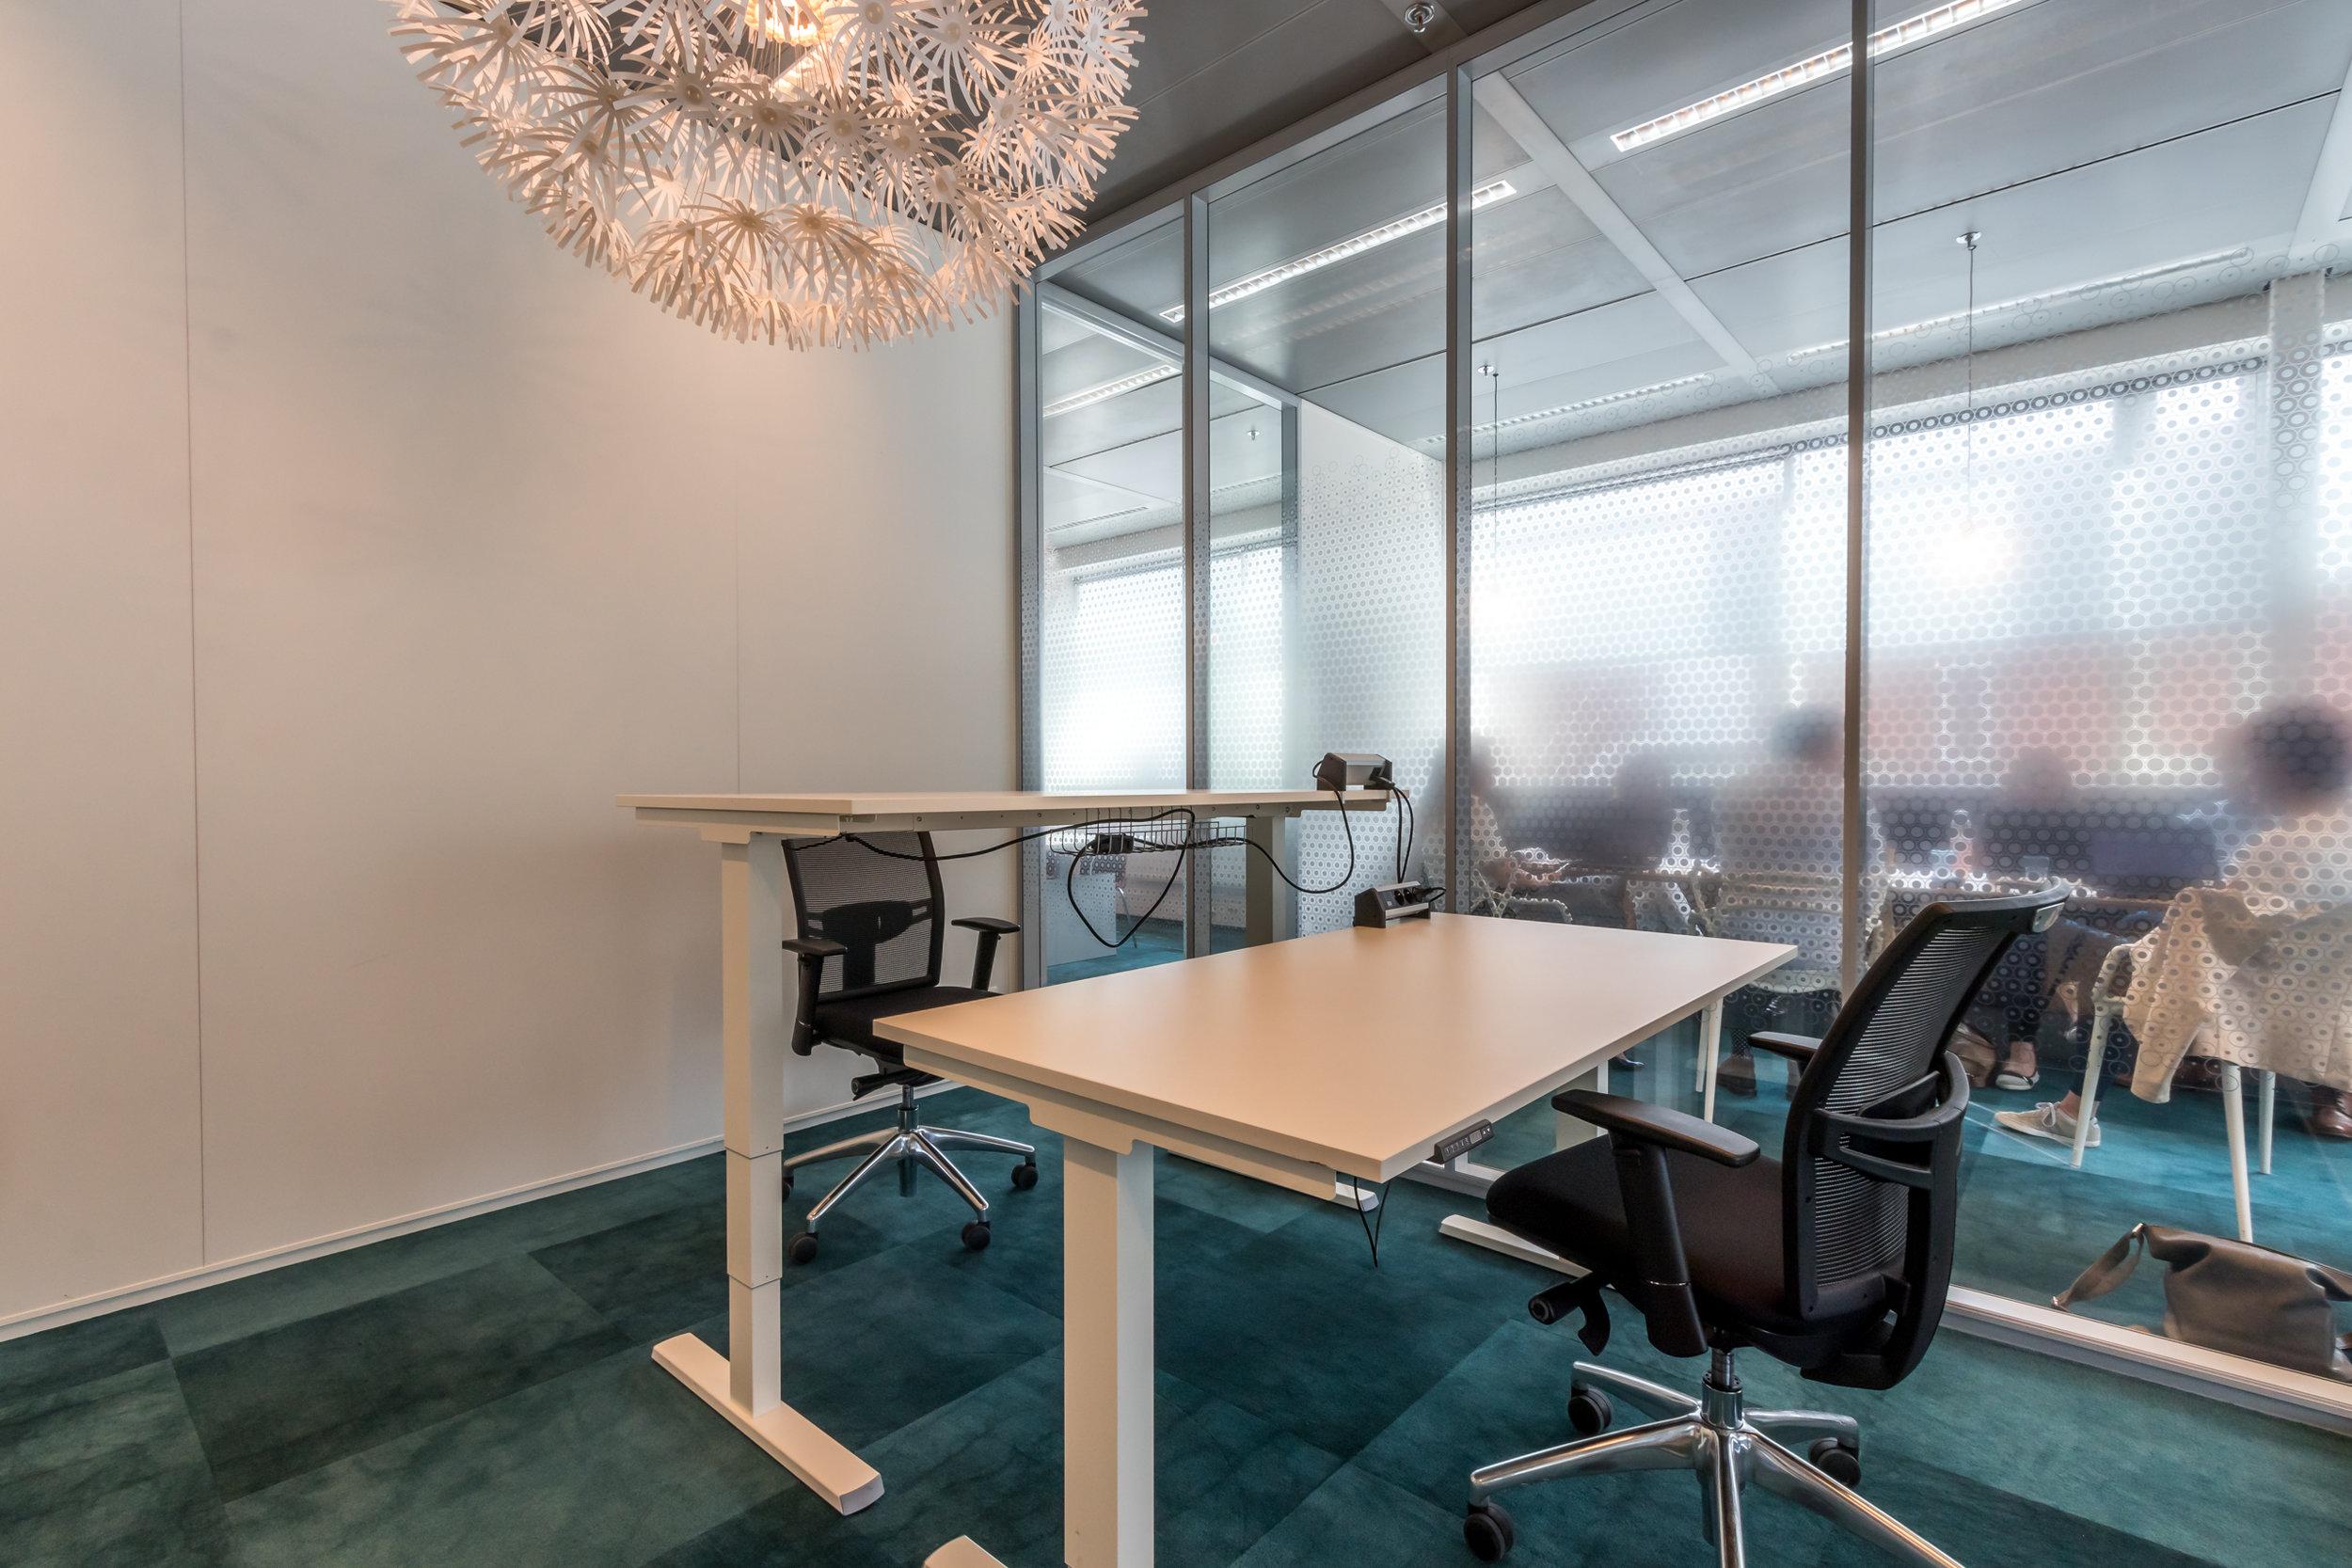 locatie utrecht - Private office  € 25,00   per uur  excl. btw